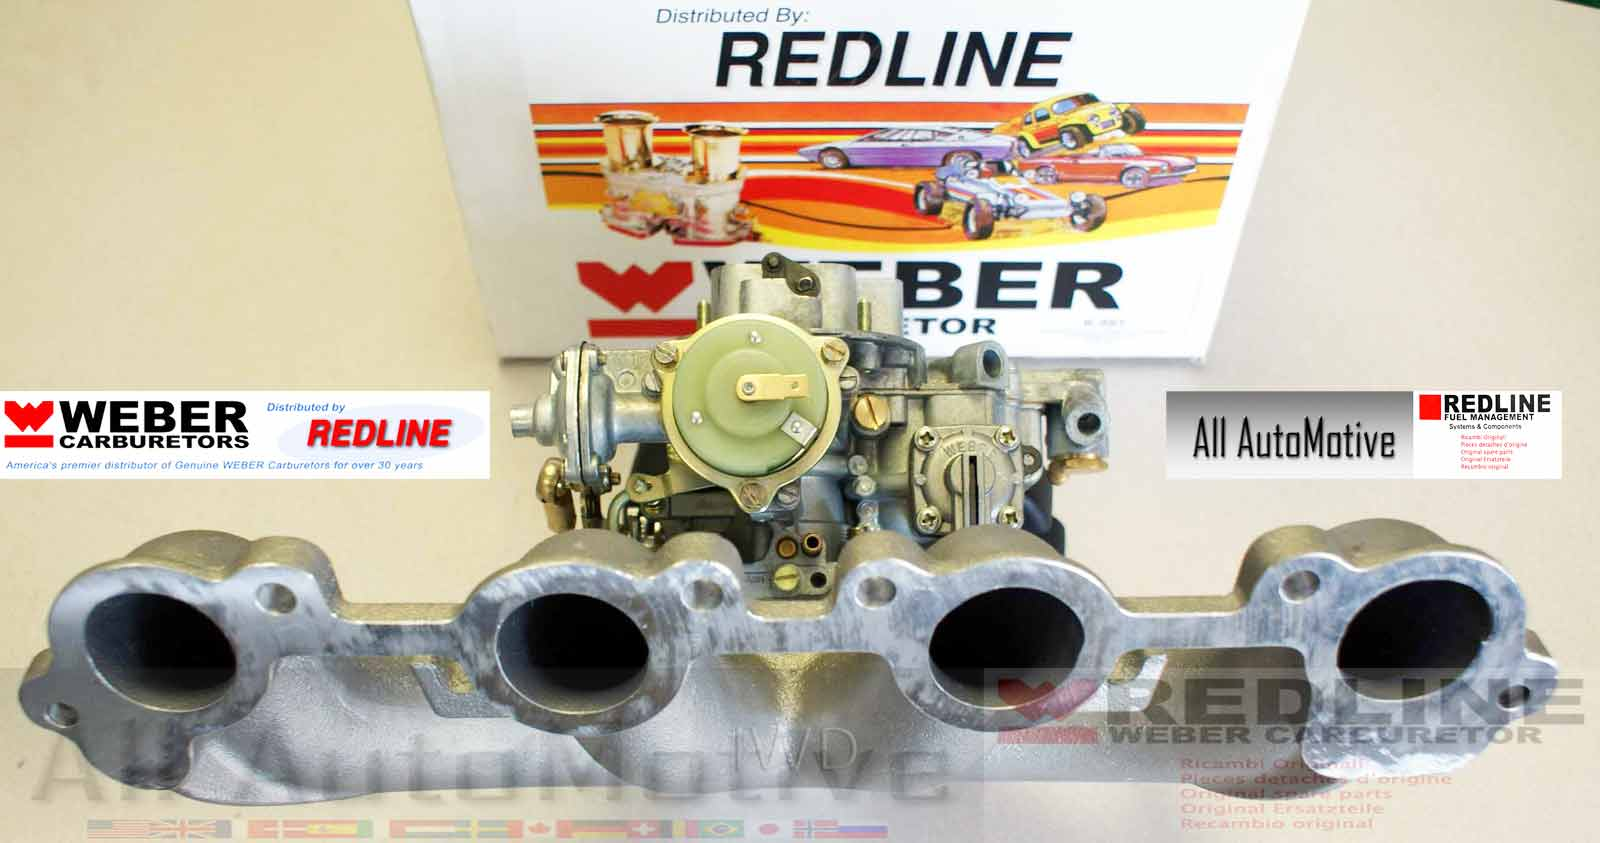 volvo penta carburetor aq125 aq145 aq131 weber carburetor conversion rh ebay com 150Cc Carburetor Hose Diagram 150Cc Carburetor Hose Diagram